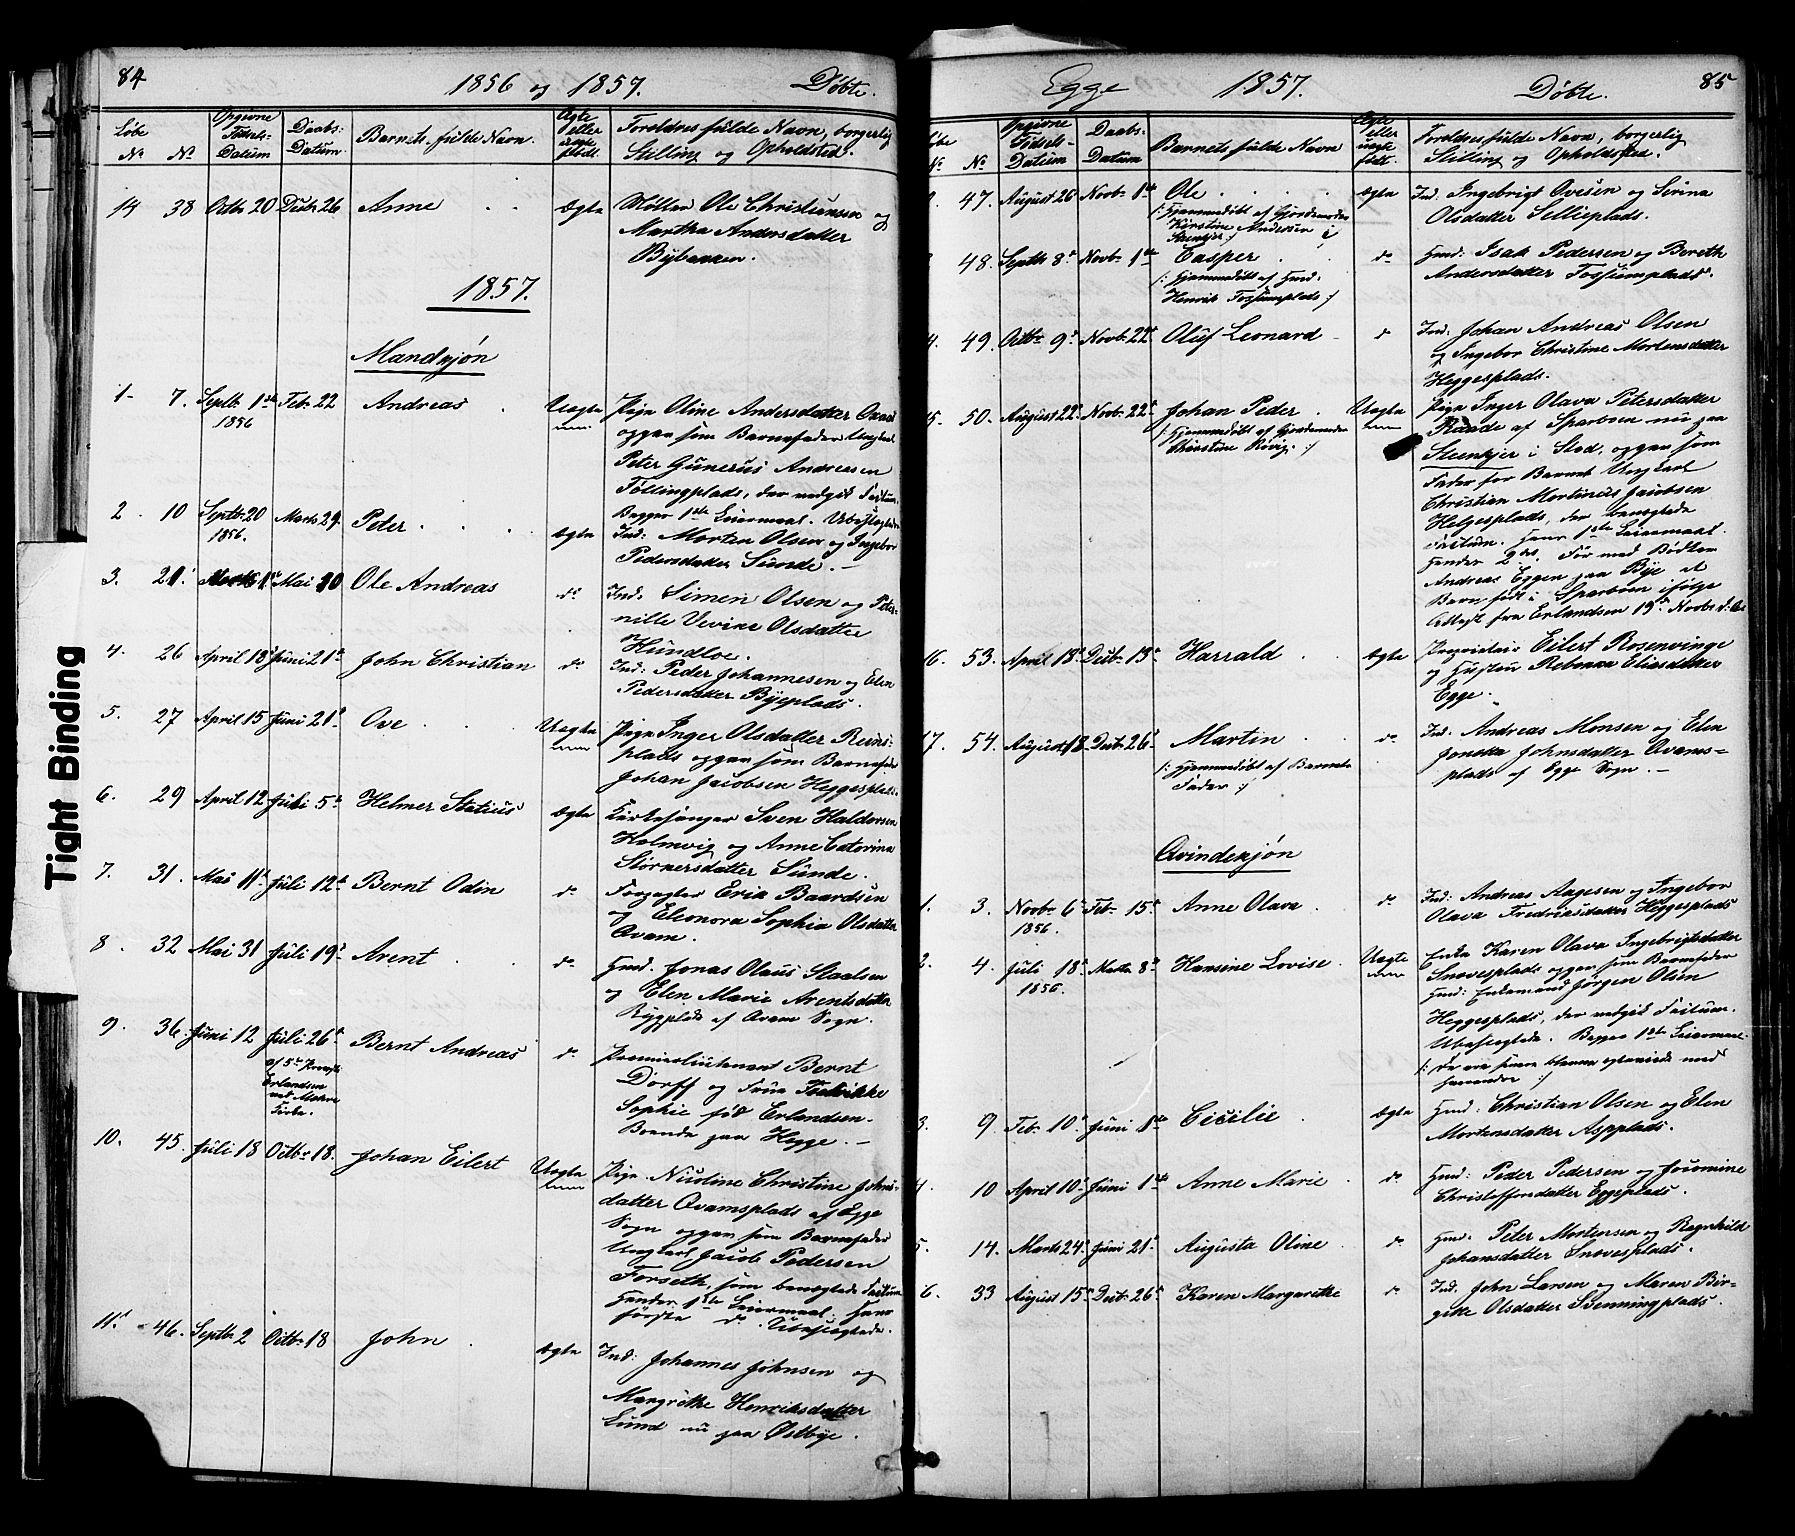 SAT, Ministerialprotokoller, klokkerbøker og fødselsregistre - Nord-Trøndelag, 739/L0367: Ministerialbok nr. 739A01 /3, 1838-1868, s. 84-85